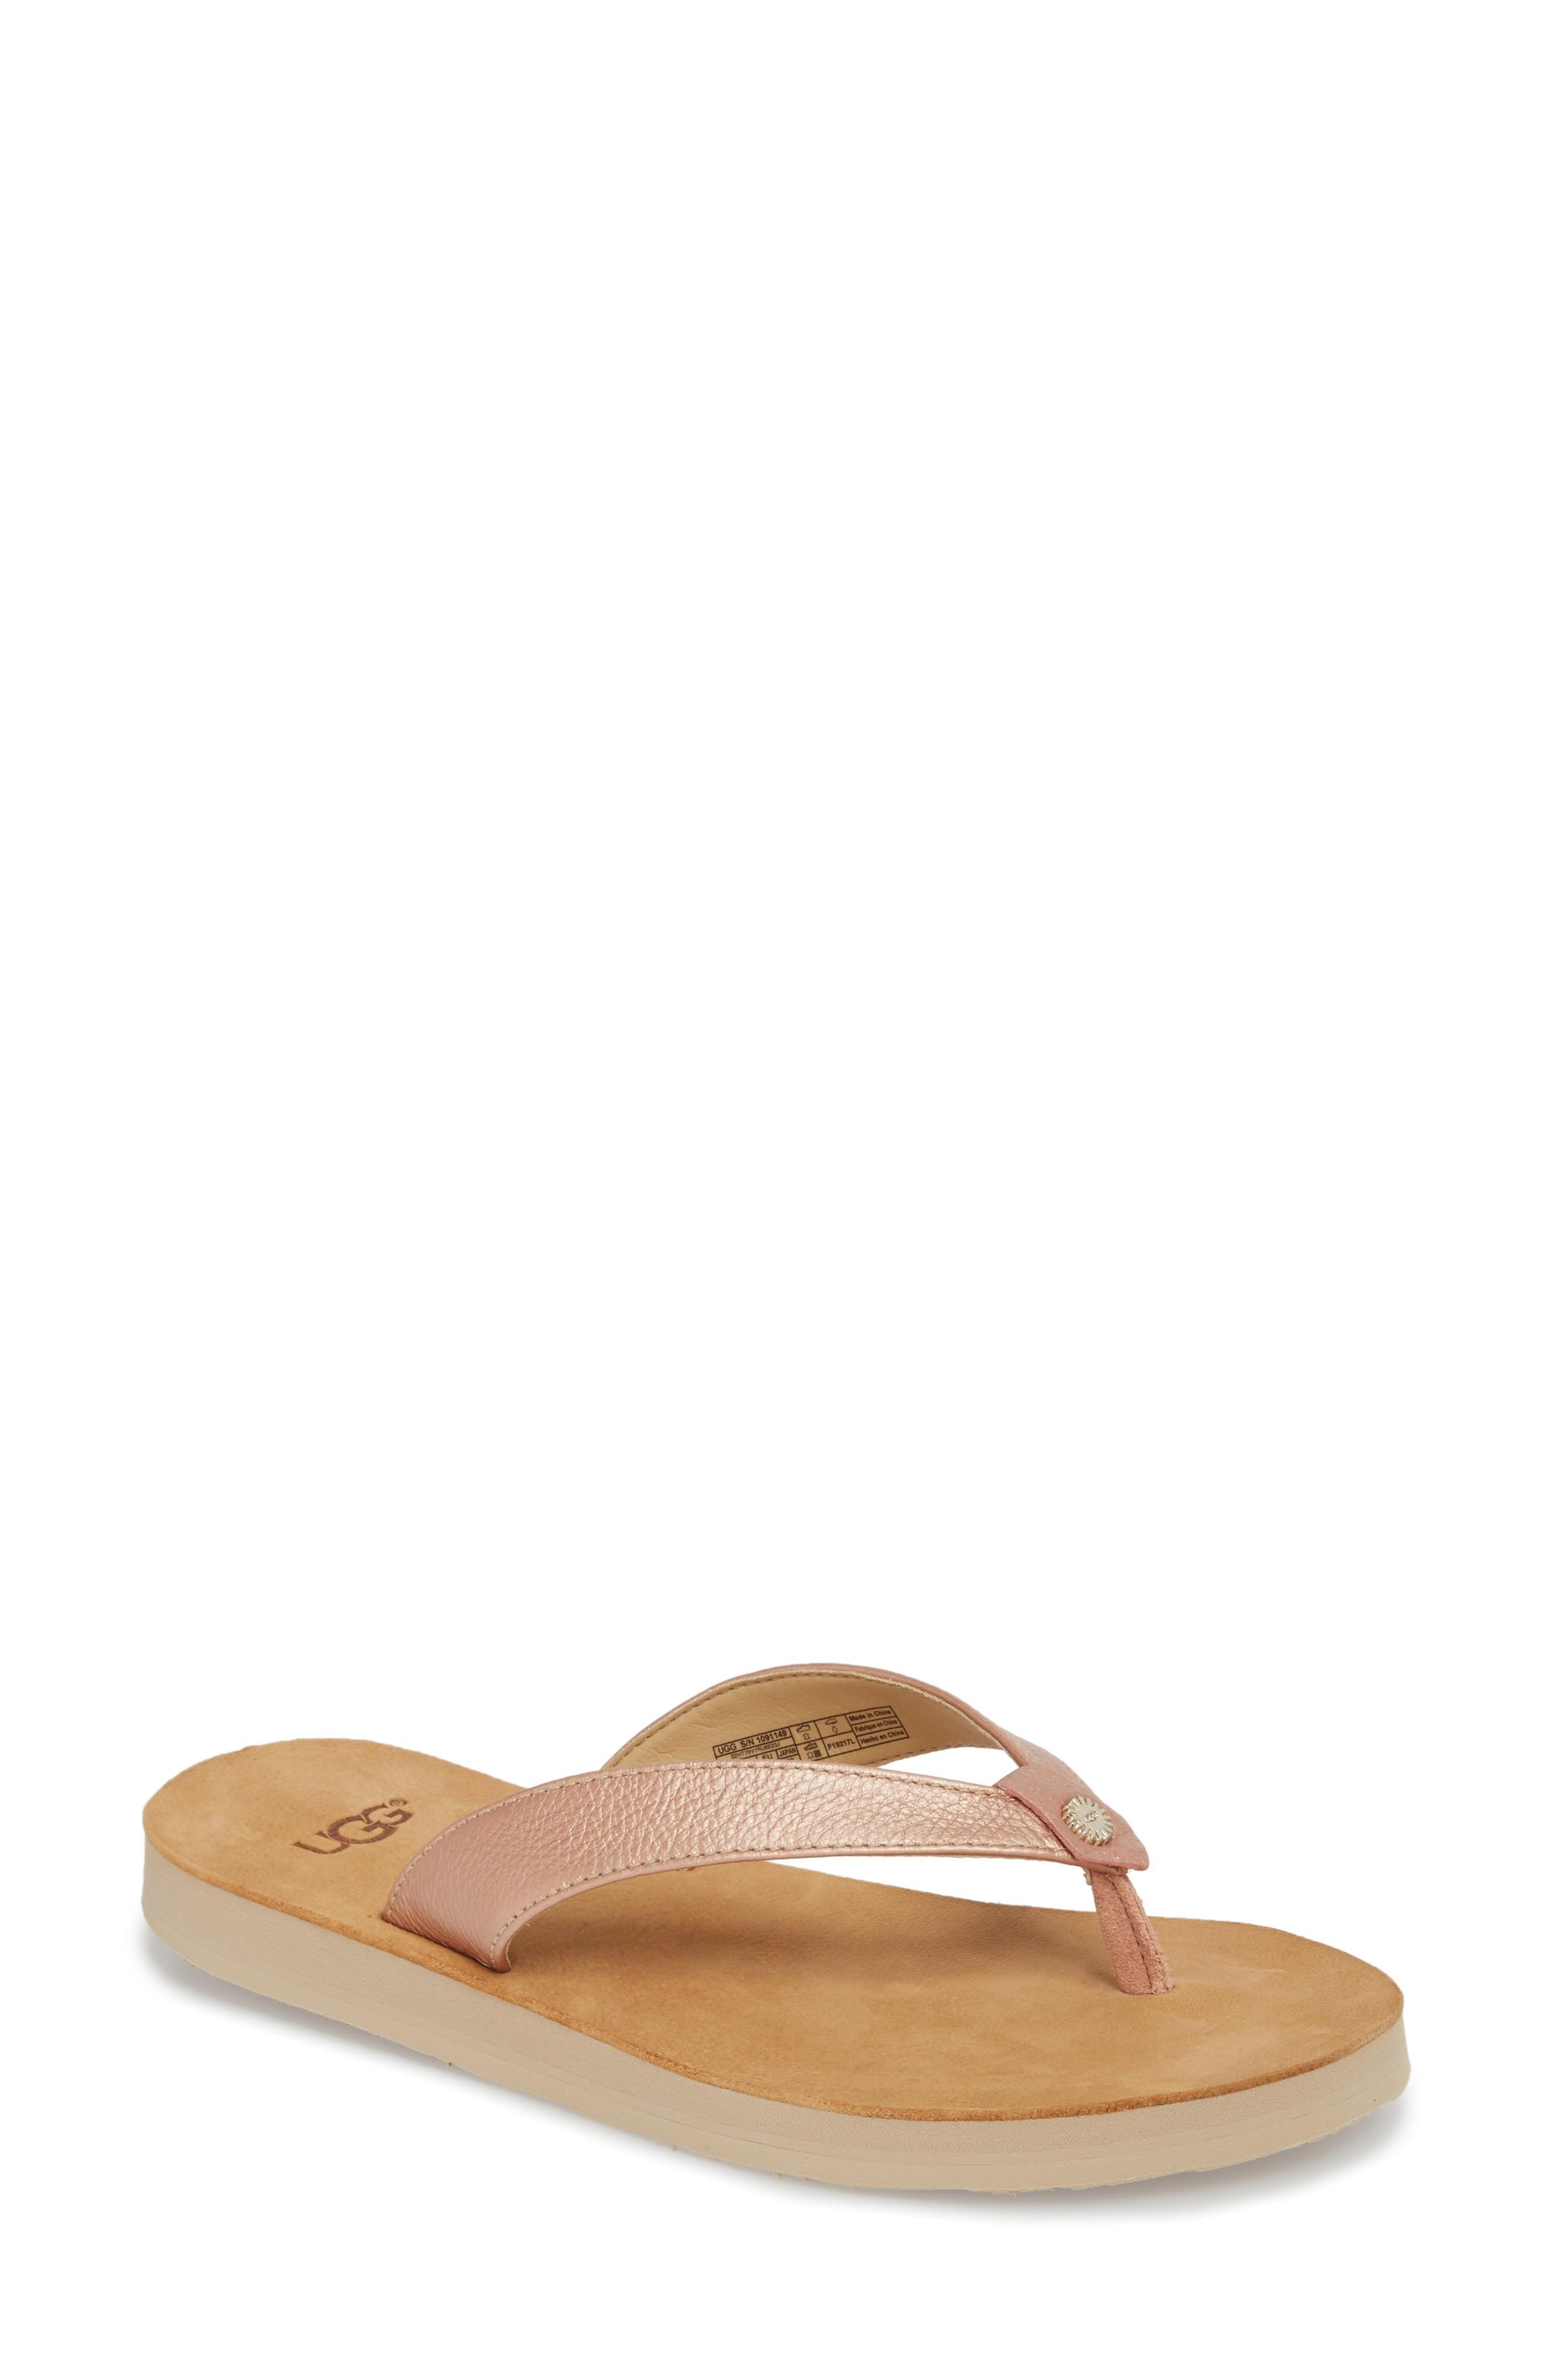 5304609d4f9 Ugg Tawney Flip Flop In Rose Gold Leather